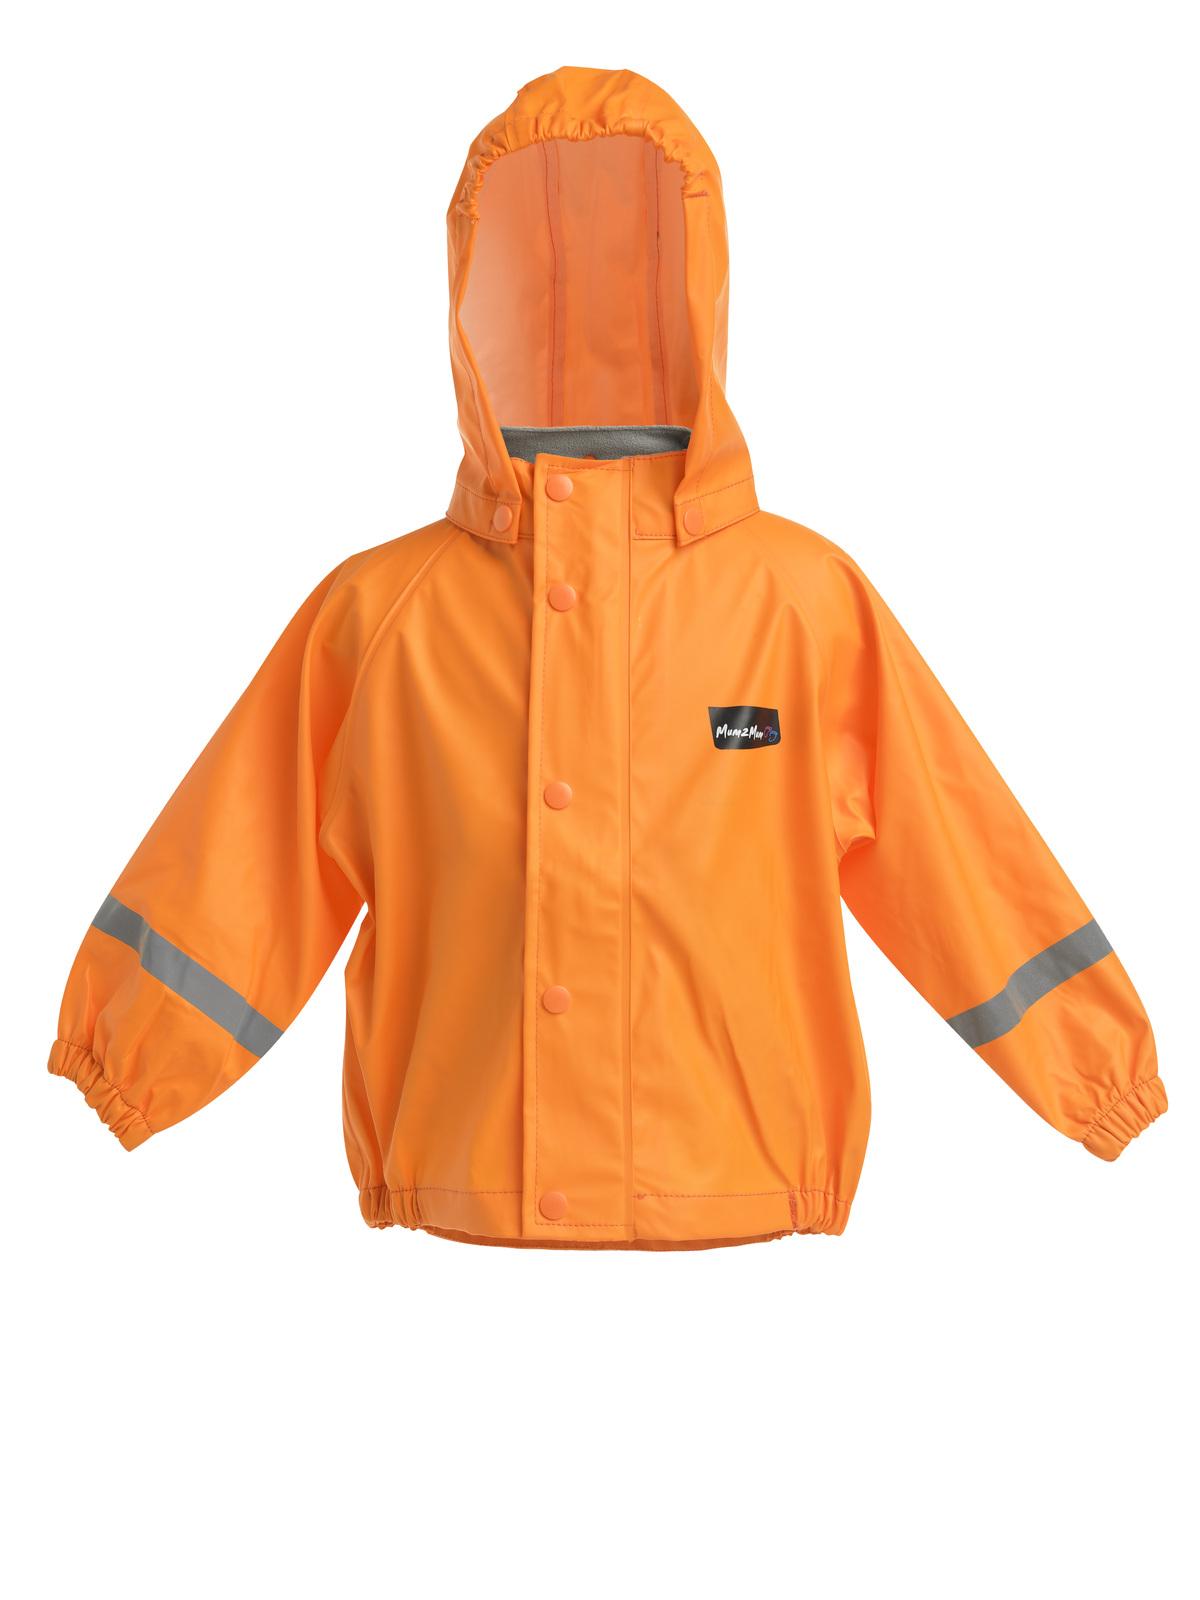 Mum 2 Mum Rainwear Jacket